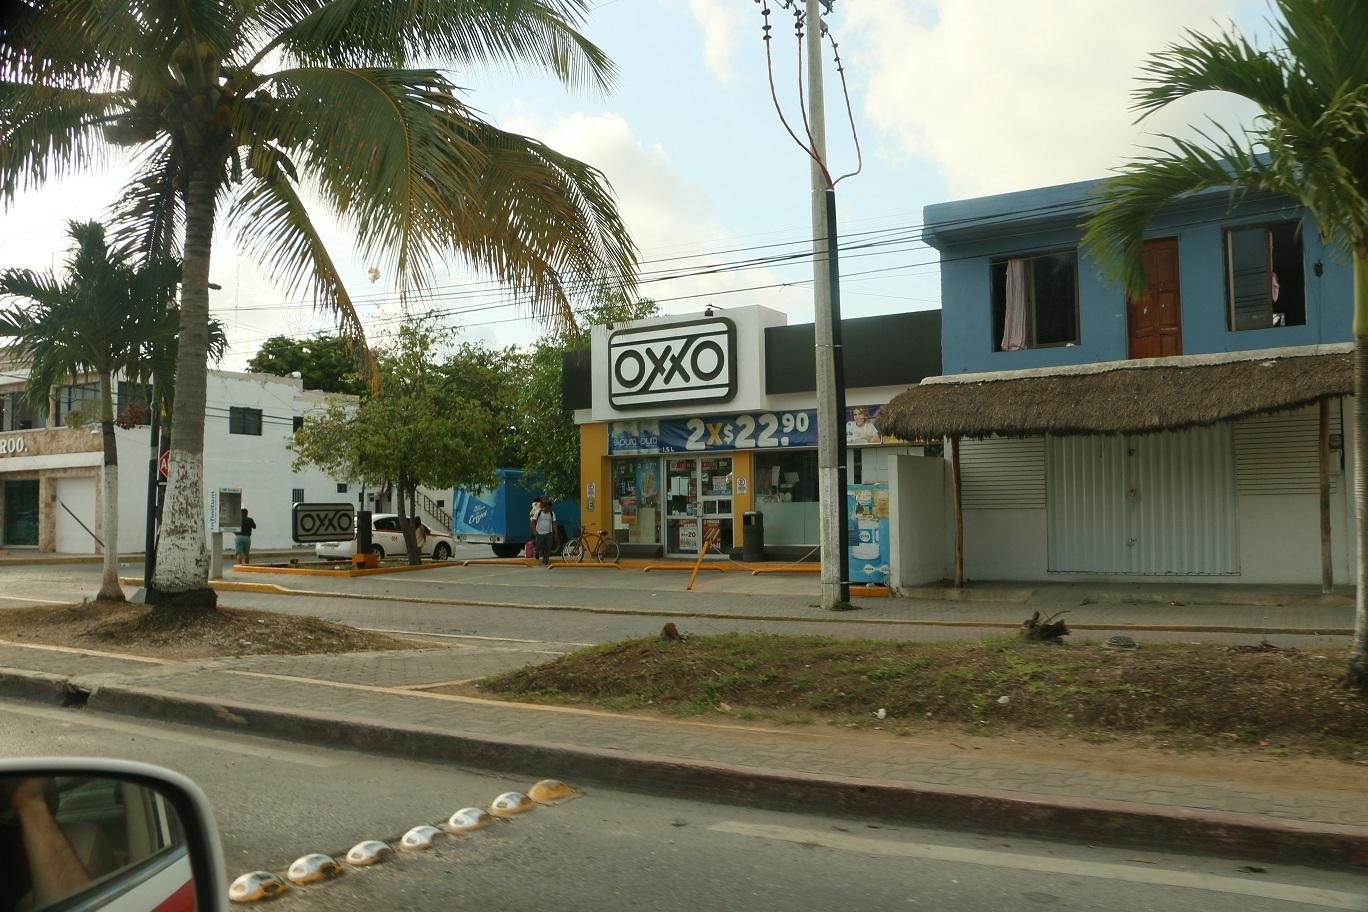 Az OXXO a 7/11 helybeli megfelelője, egy olyan sarki kisboltlánc, ami leginkább gyorskajákat, üdítőket, csipszeket árul. Bevásárlásra alkalmatlan, de a hotdog ehető. Normális méretű szupermarket nincs, csak a hiperek meg az OXXOk